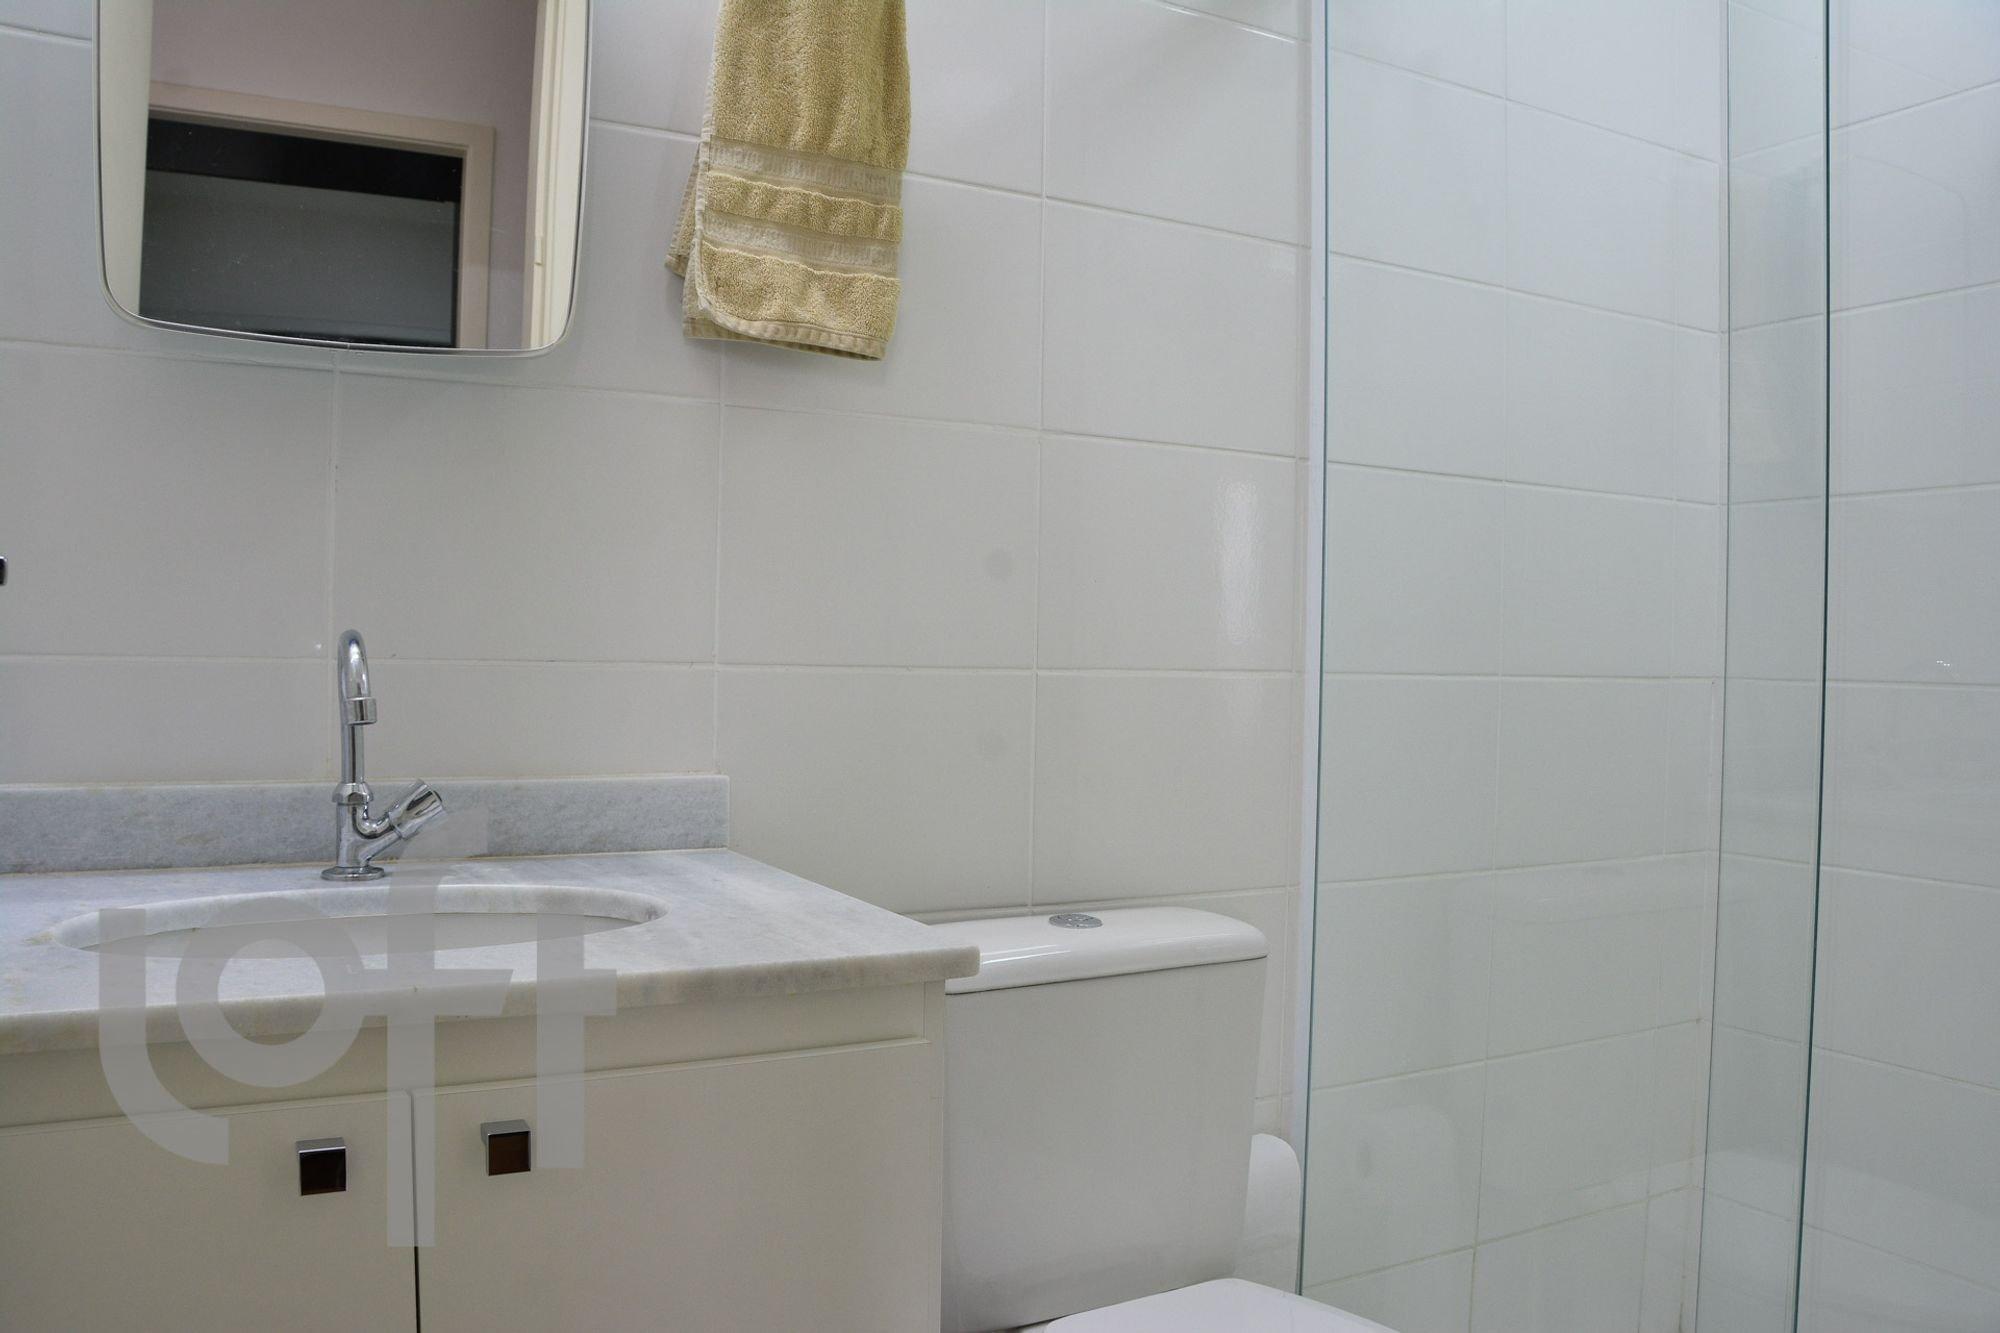 Foto de Banheiro com televisão, pia